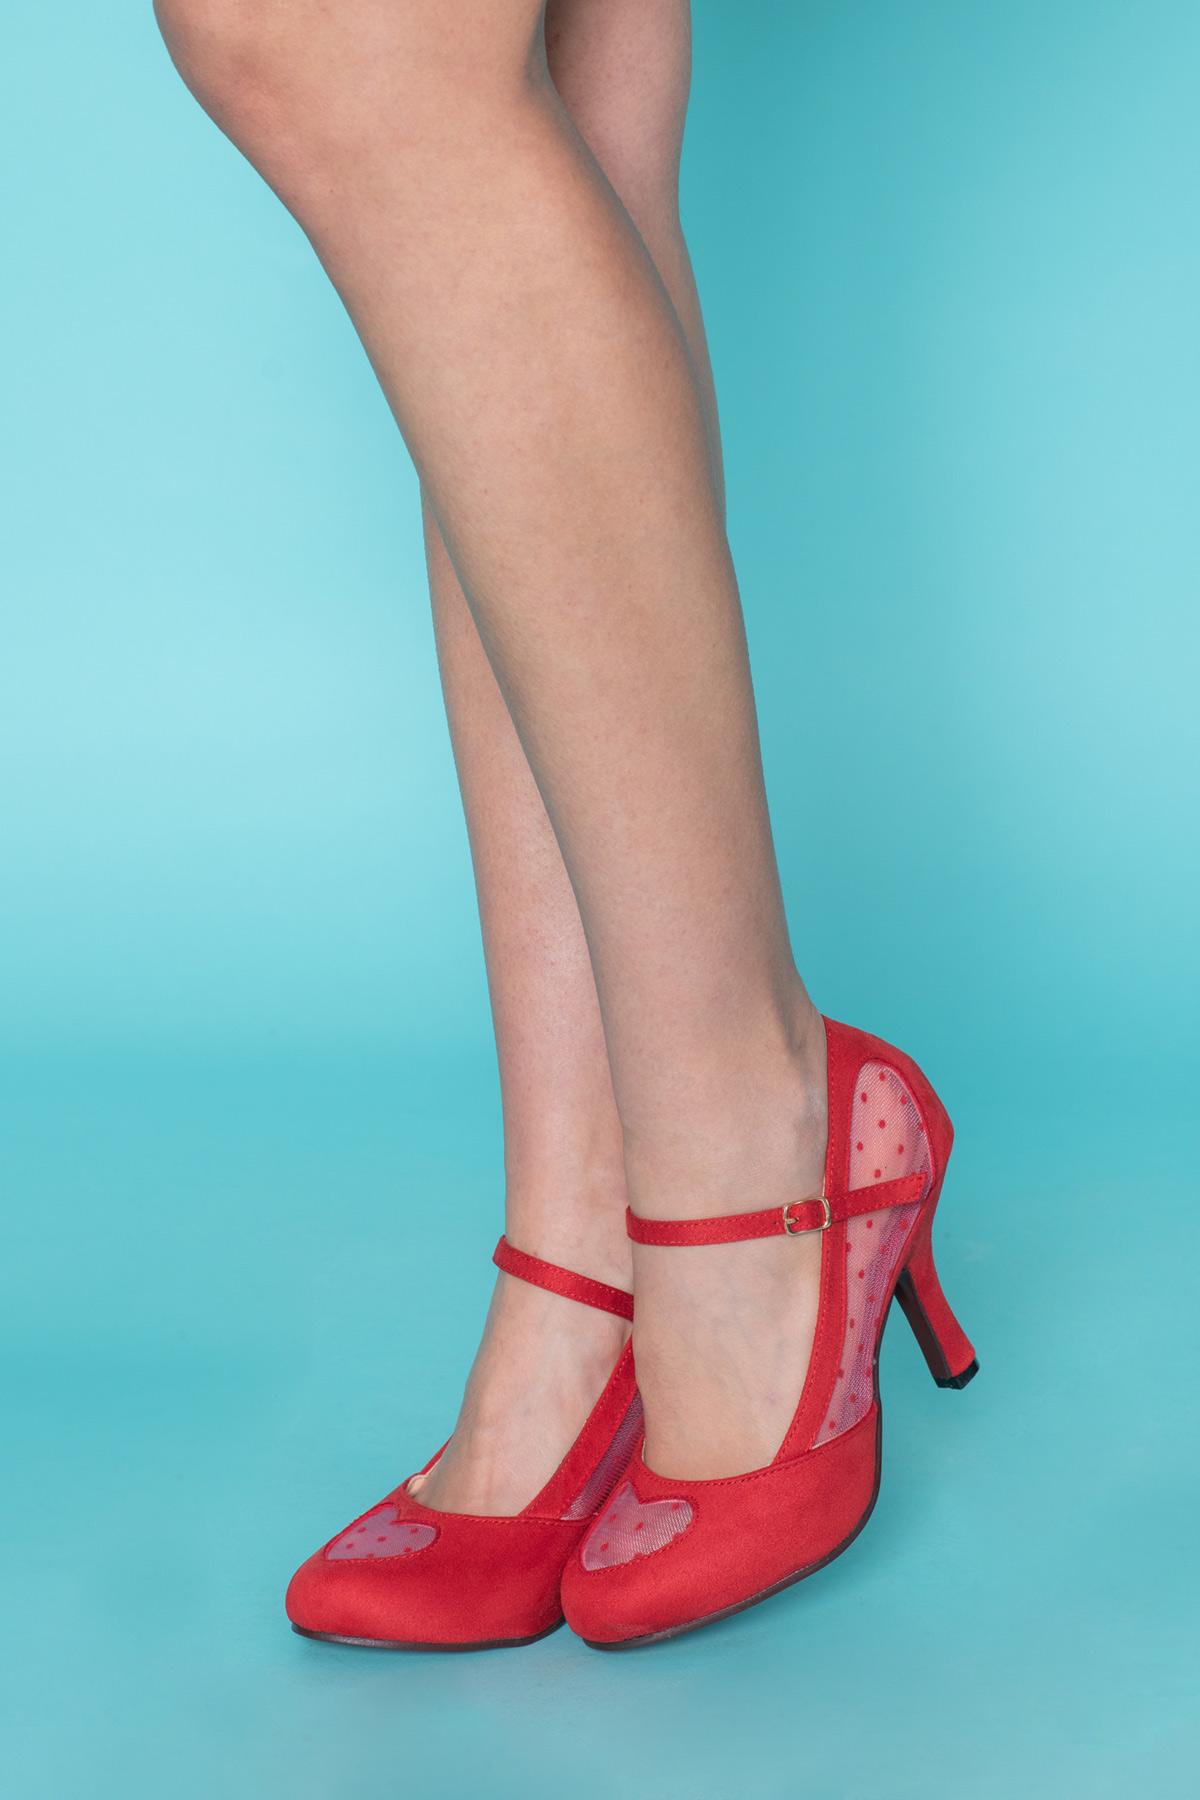 Κόκκινα γοβάκια με πουά διαφάνεια σε σχήμα καρδιάς μπροστά και στα πλάγια, λουράκι στον αστράγαλο, με χαμηλό τακούνι, σε vintage style γραμμή για ιδιαίτερα looks!